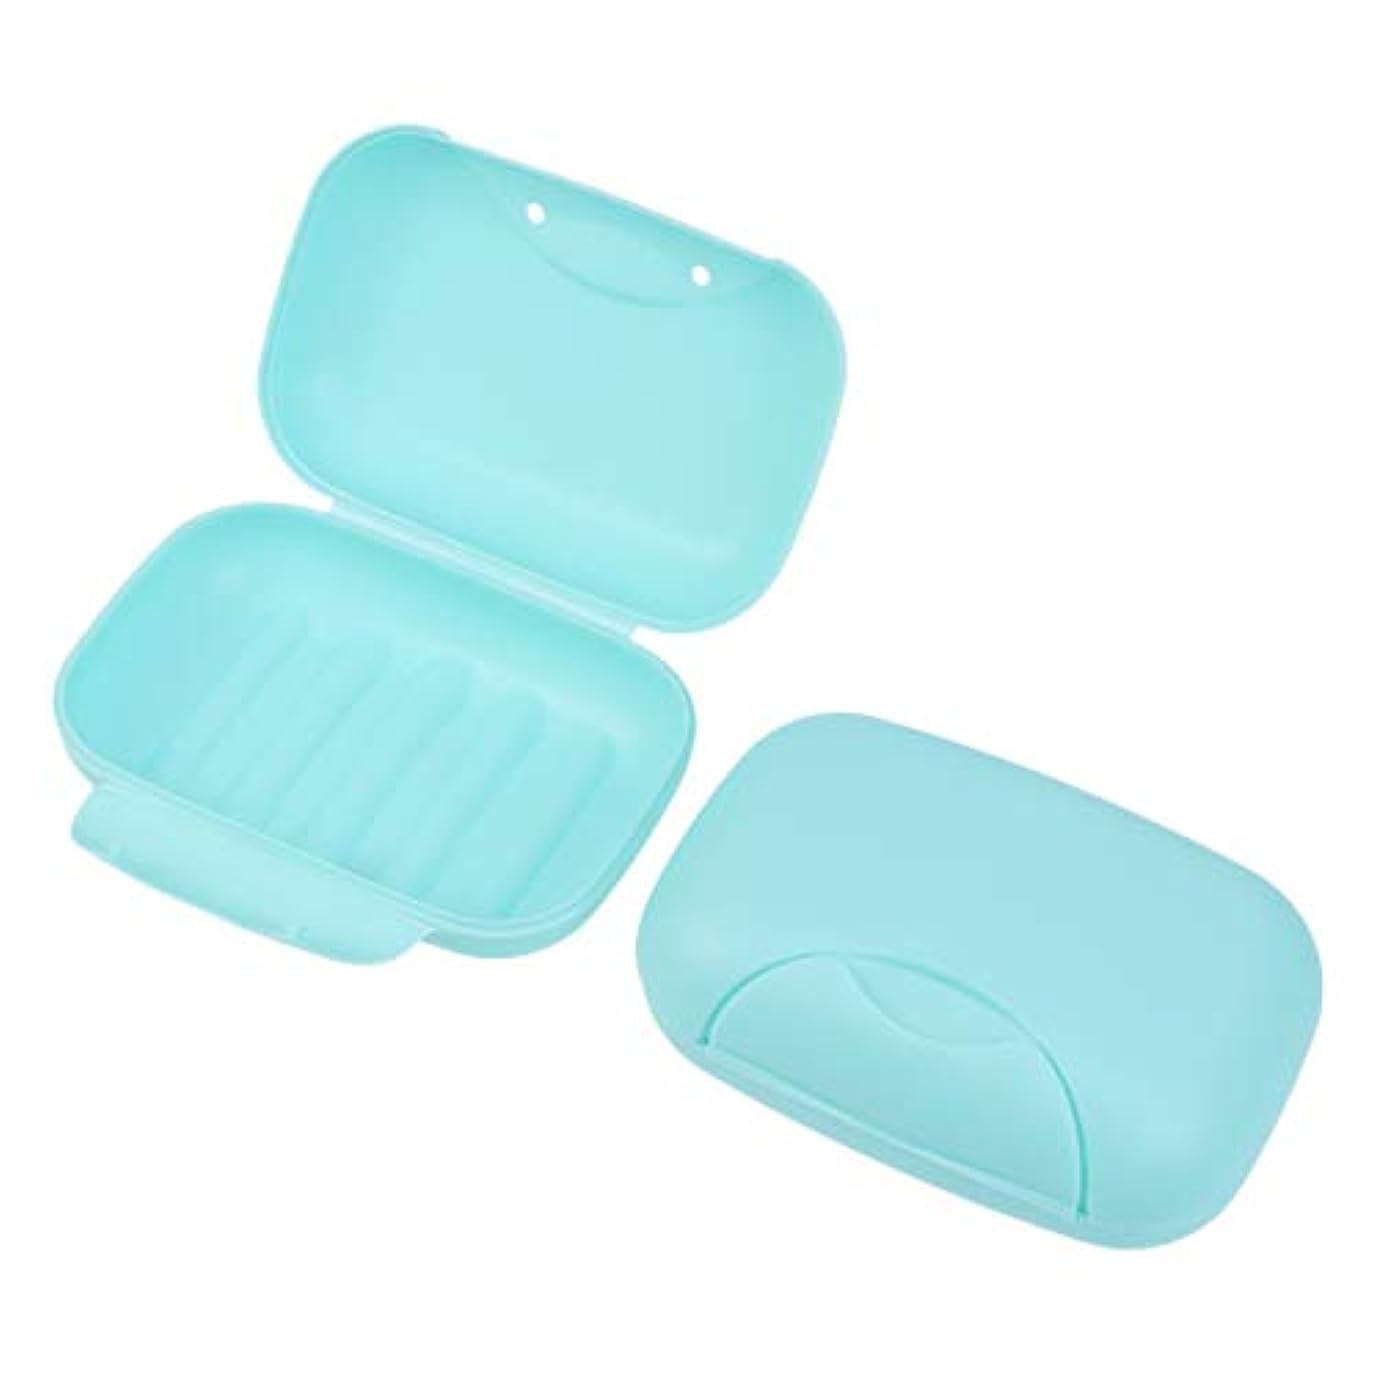 剪断慣れているトライアスロンHealifty 旅行用ソープボックス防水石鹸皿ソープホルダー2個(青)